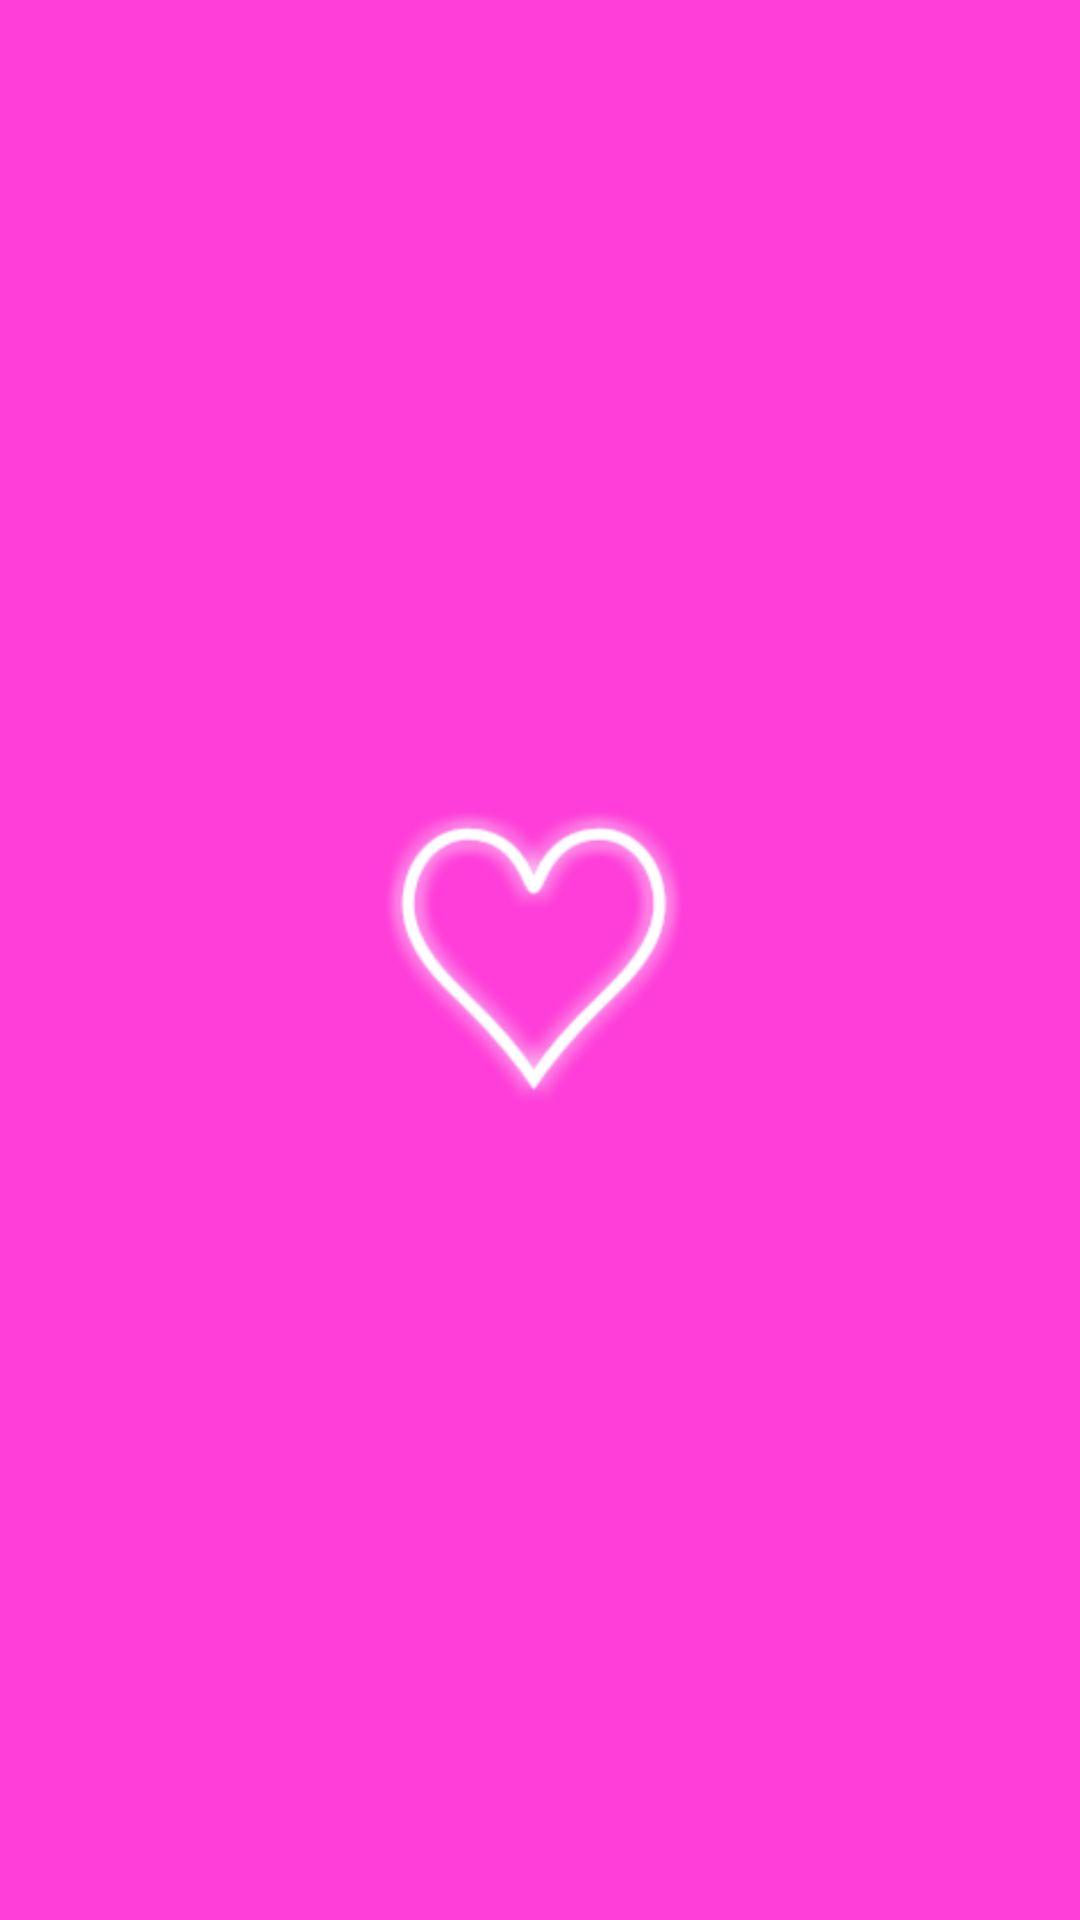 Pink Neon Heart Wallpaper Background Neon Heart Wallpaper Heart Wallpaper Neon Heart